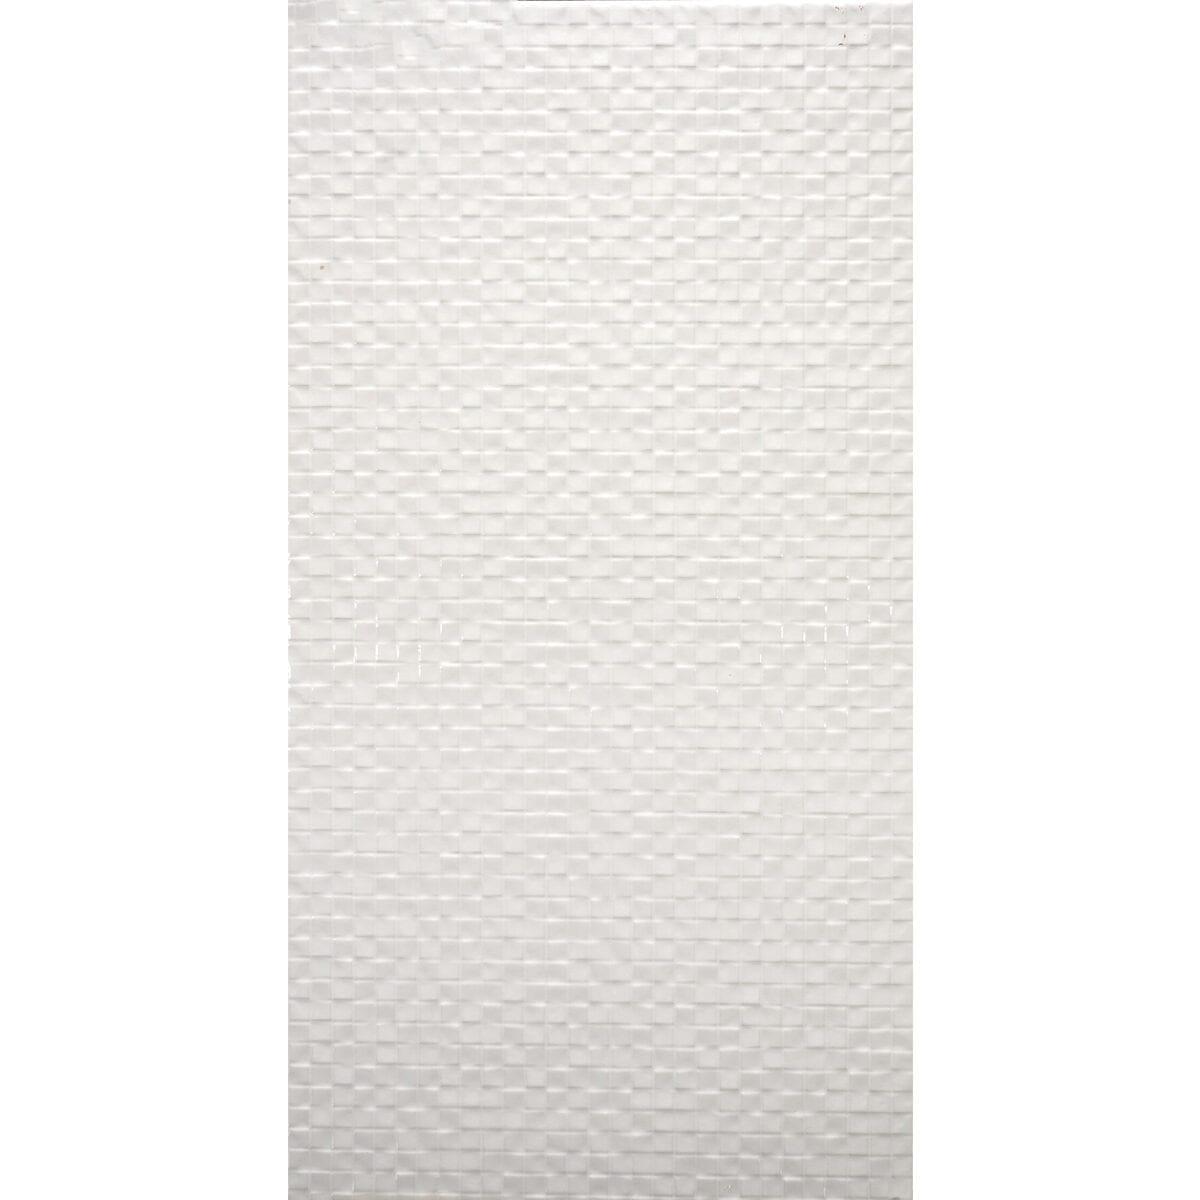 Polkadot Bianco Lappato 12x24 D00031